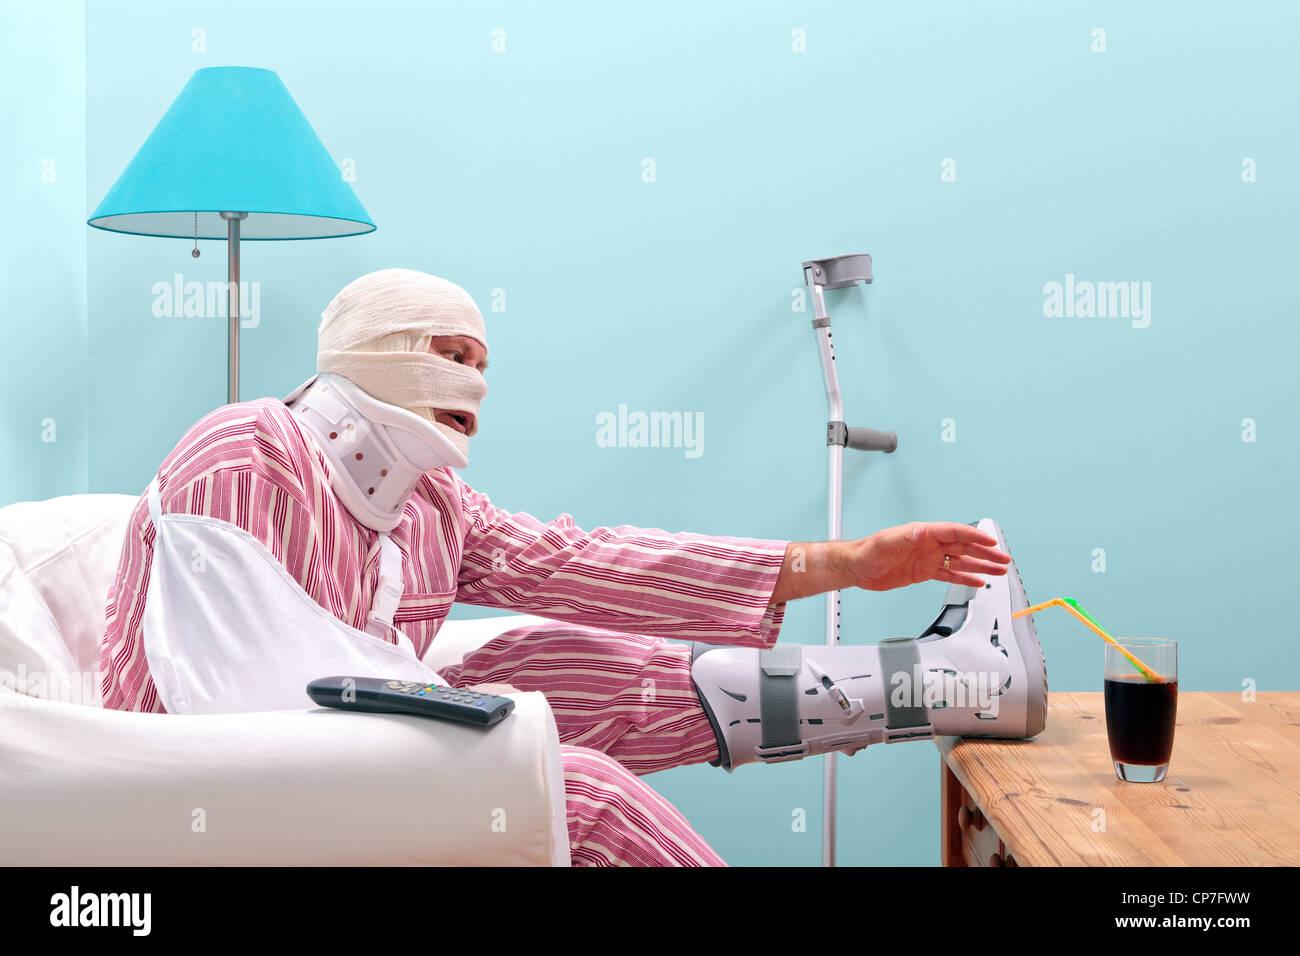 Photo d'un homme blessé en pyjama avec une jambe, la tête bandée, le bras en écharpe et Photo Stock